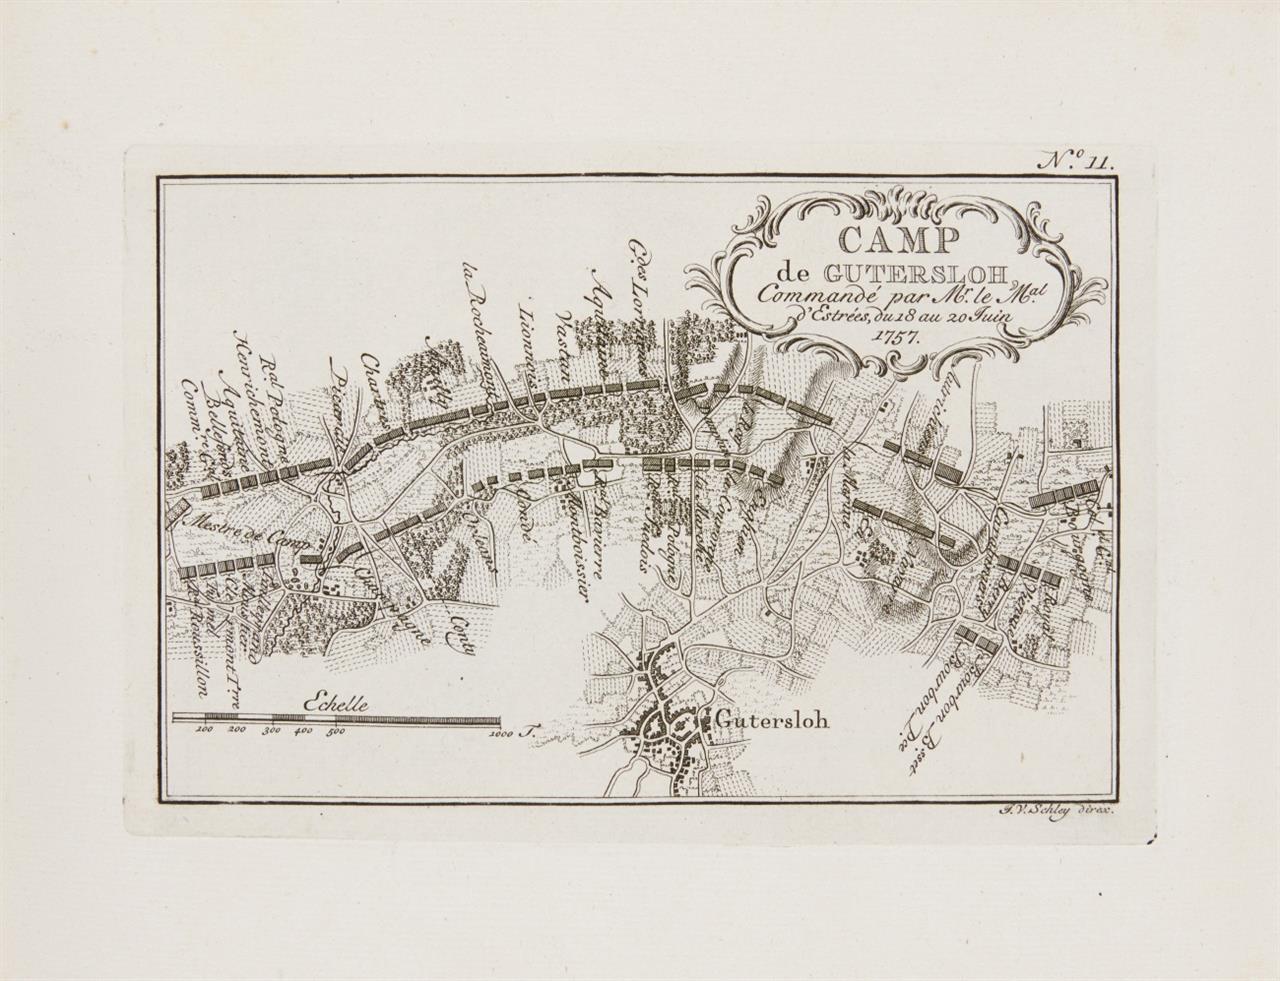 L. Du Bois, Camps topographiques. Den Haag 1760.